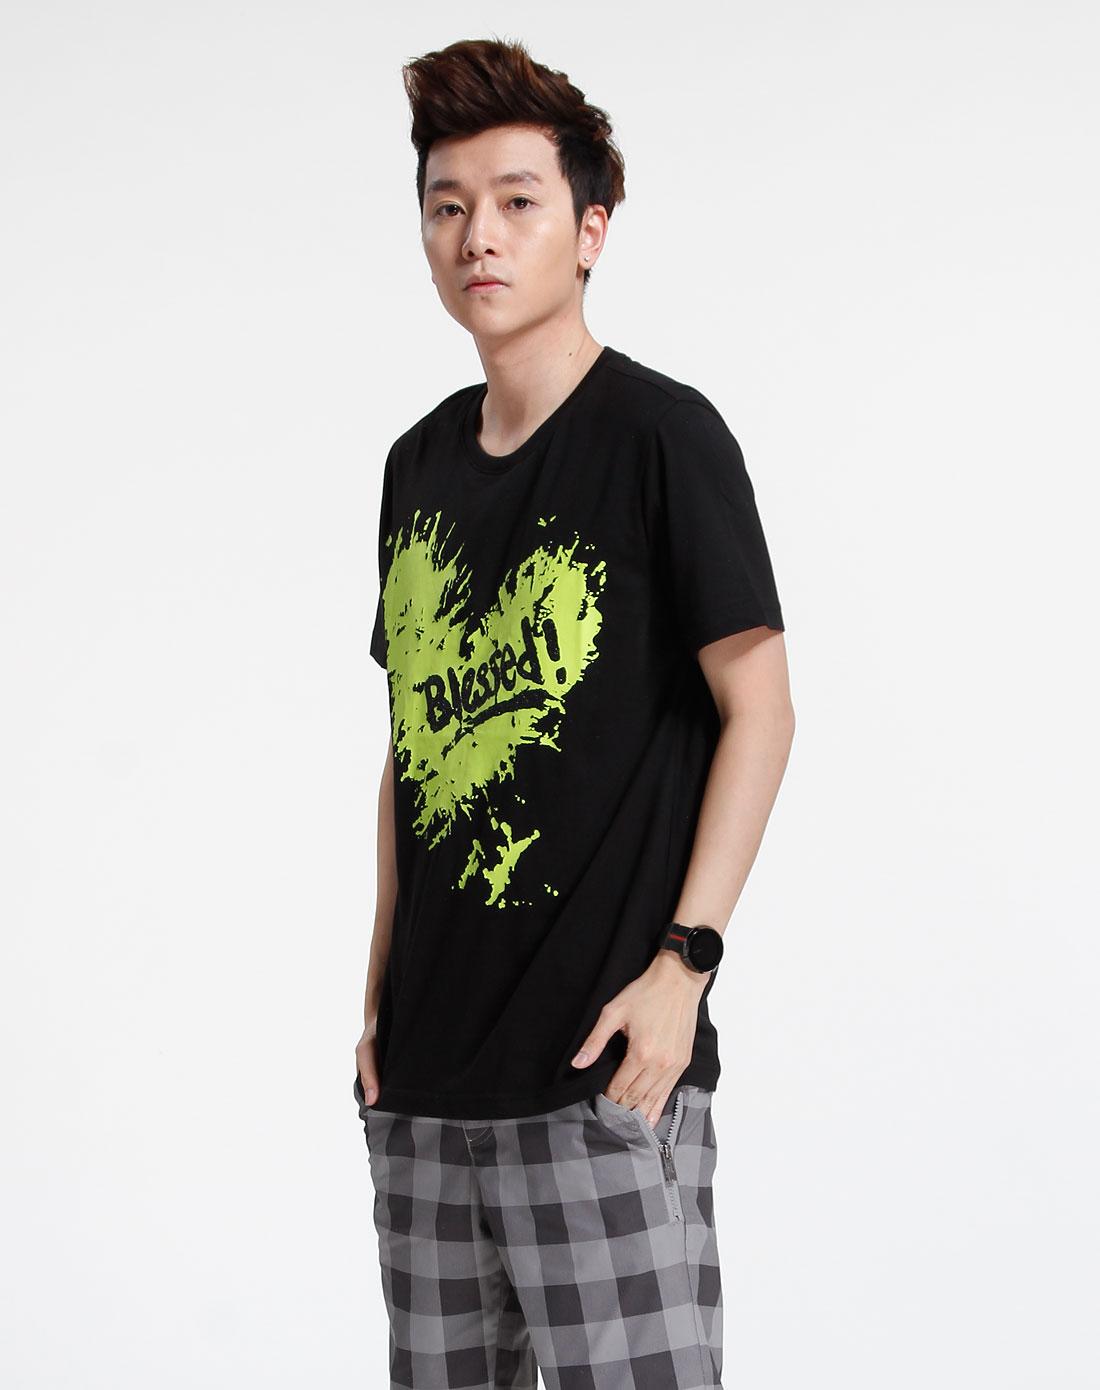 森马-男装黑色时尚短袖t恤002151016-900图片